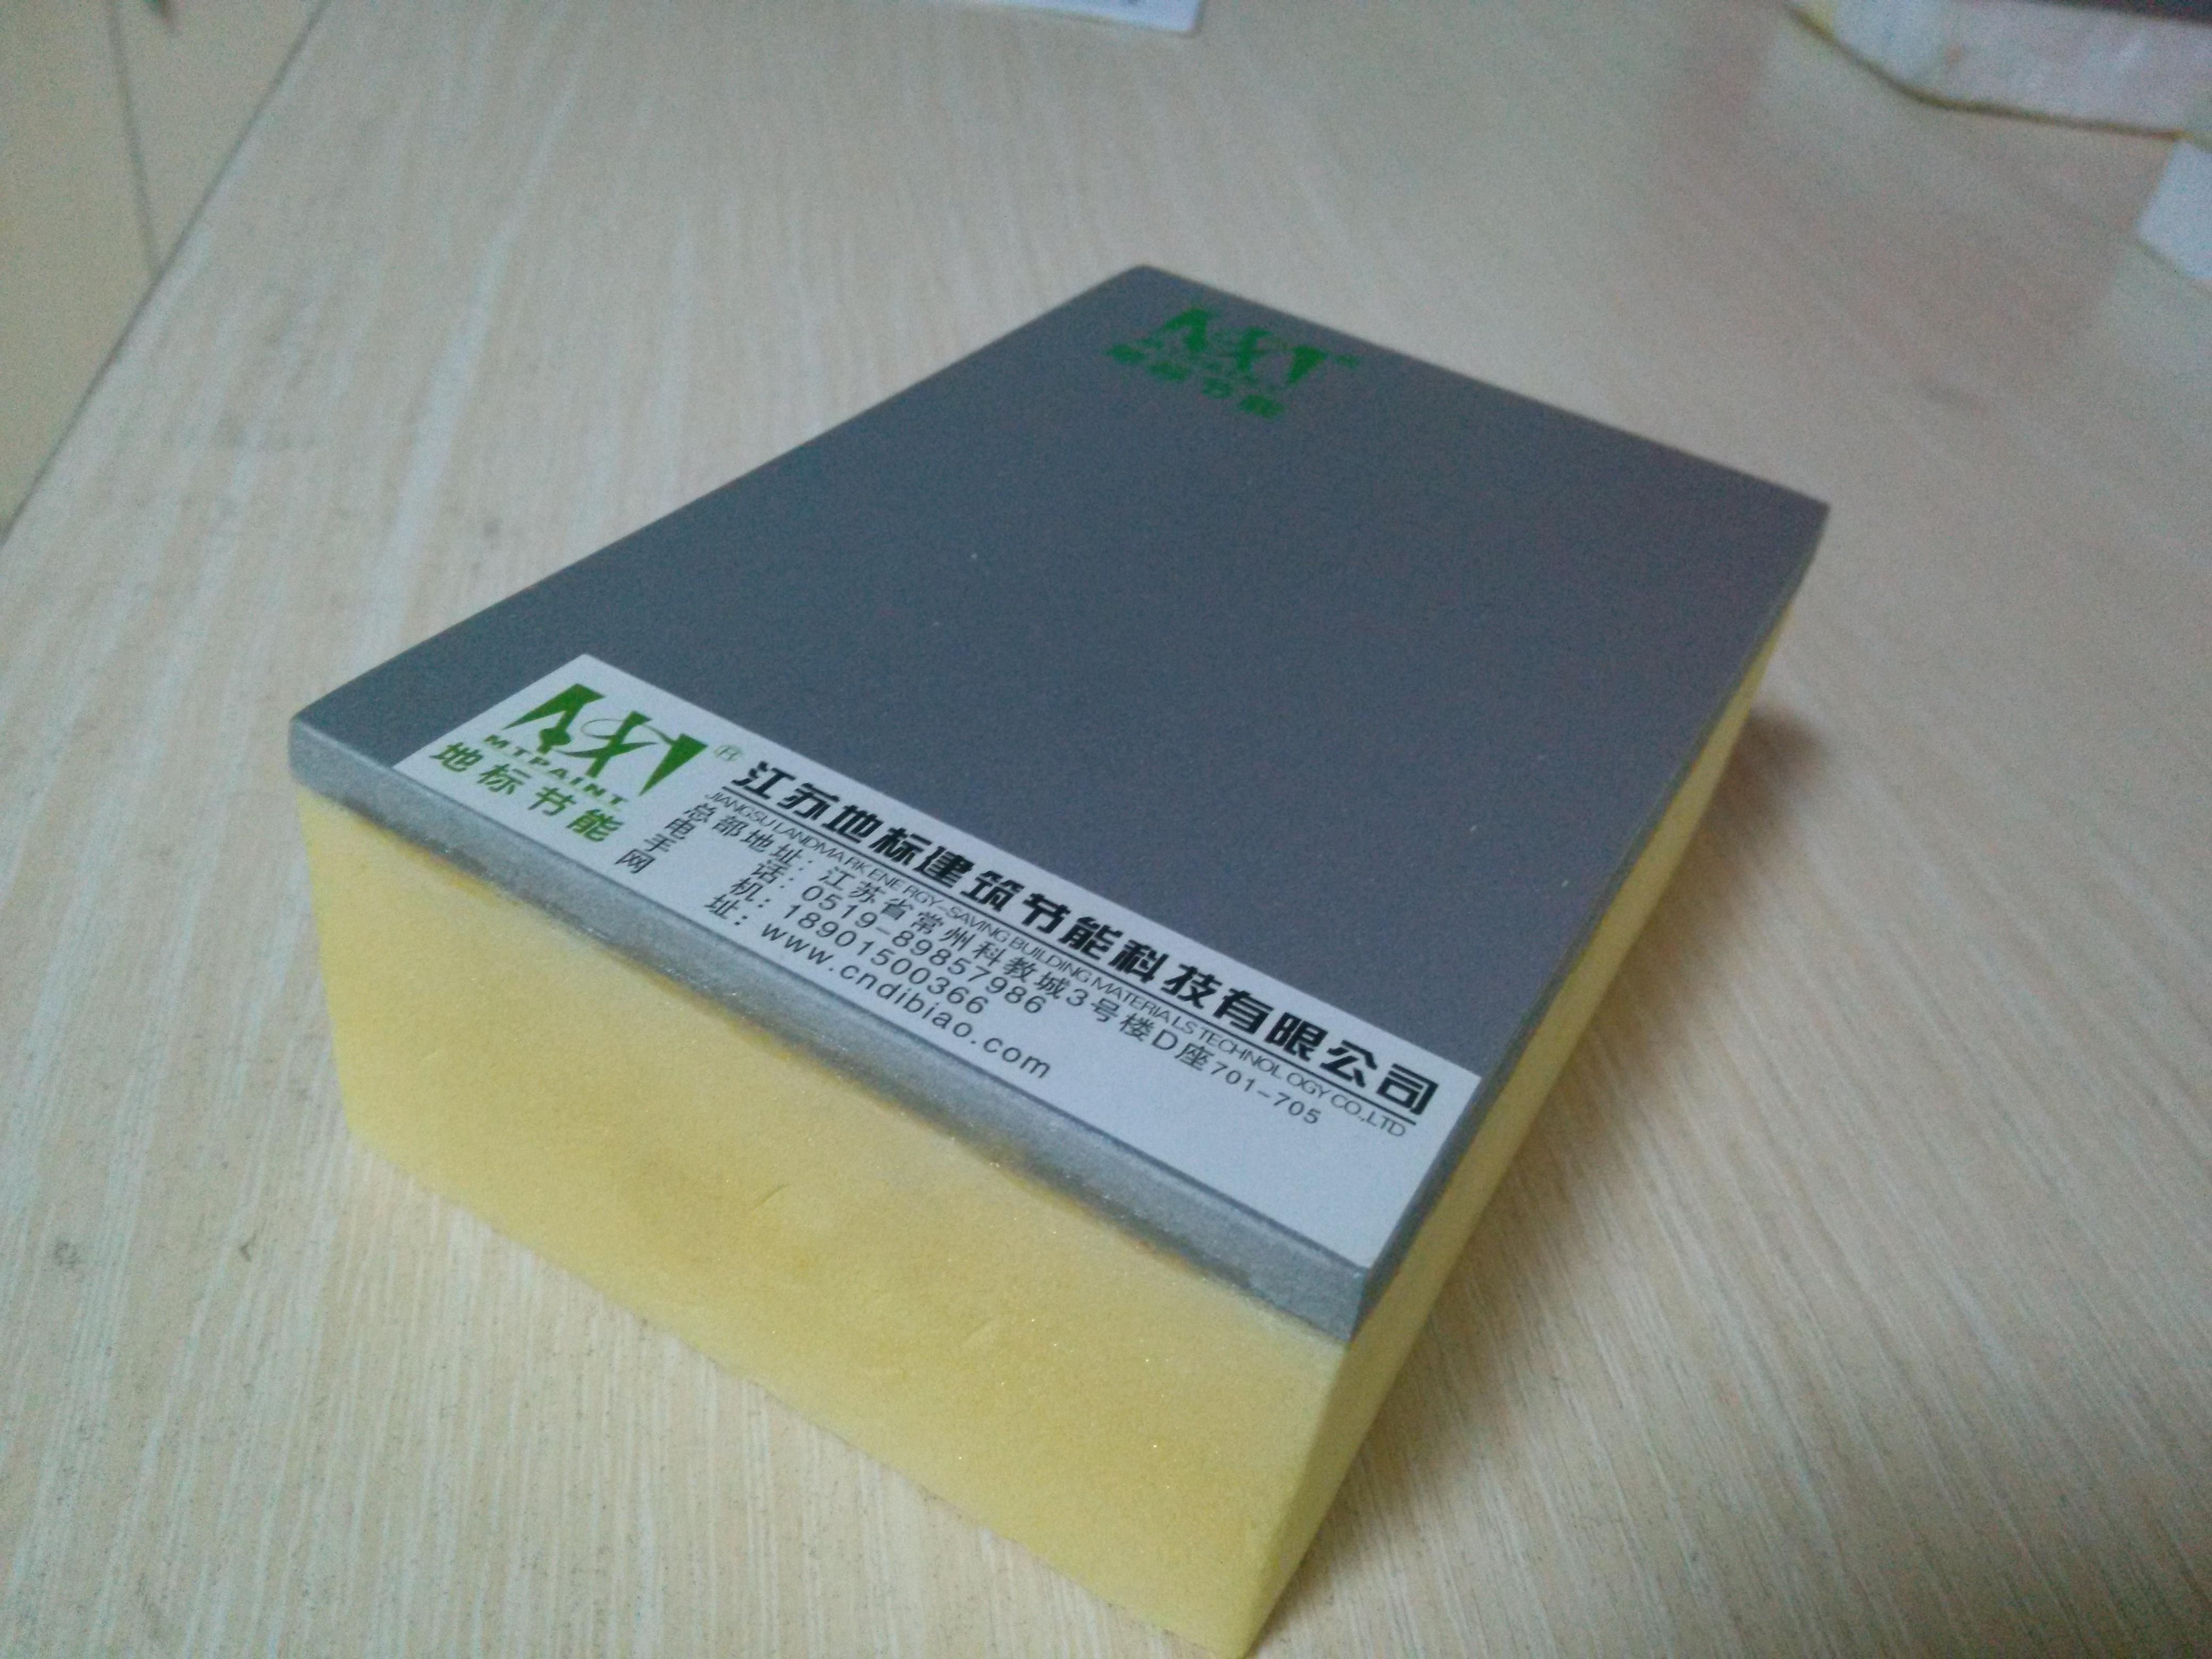 供应XPS保温装饰板